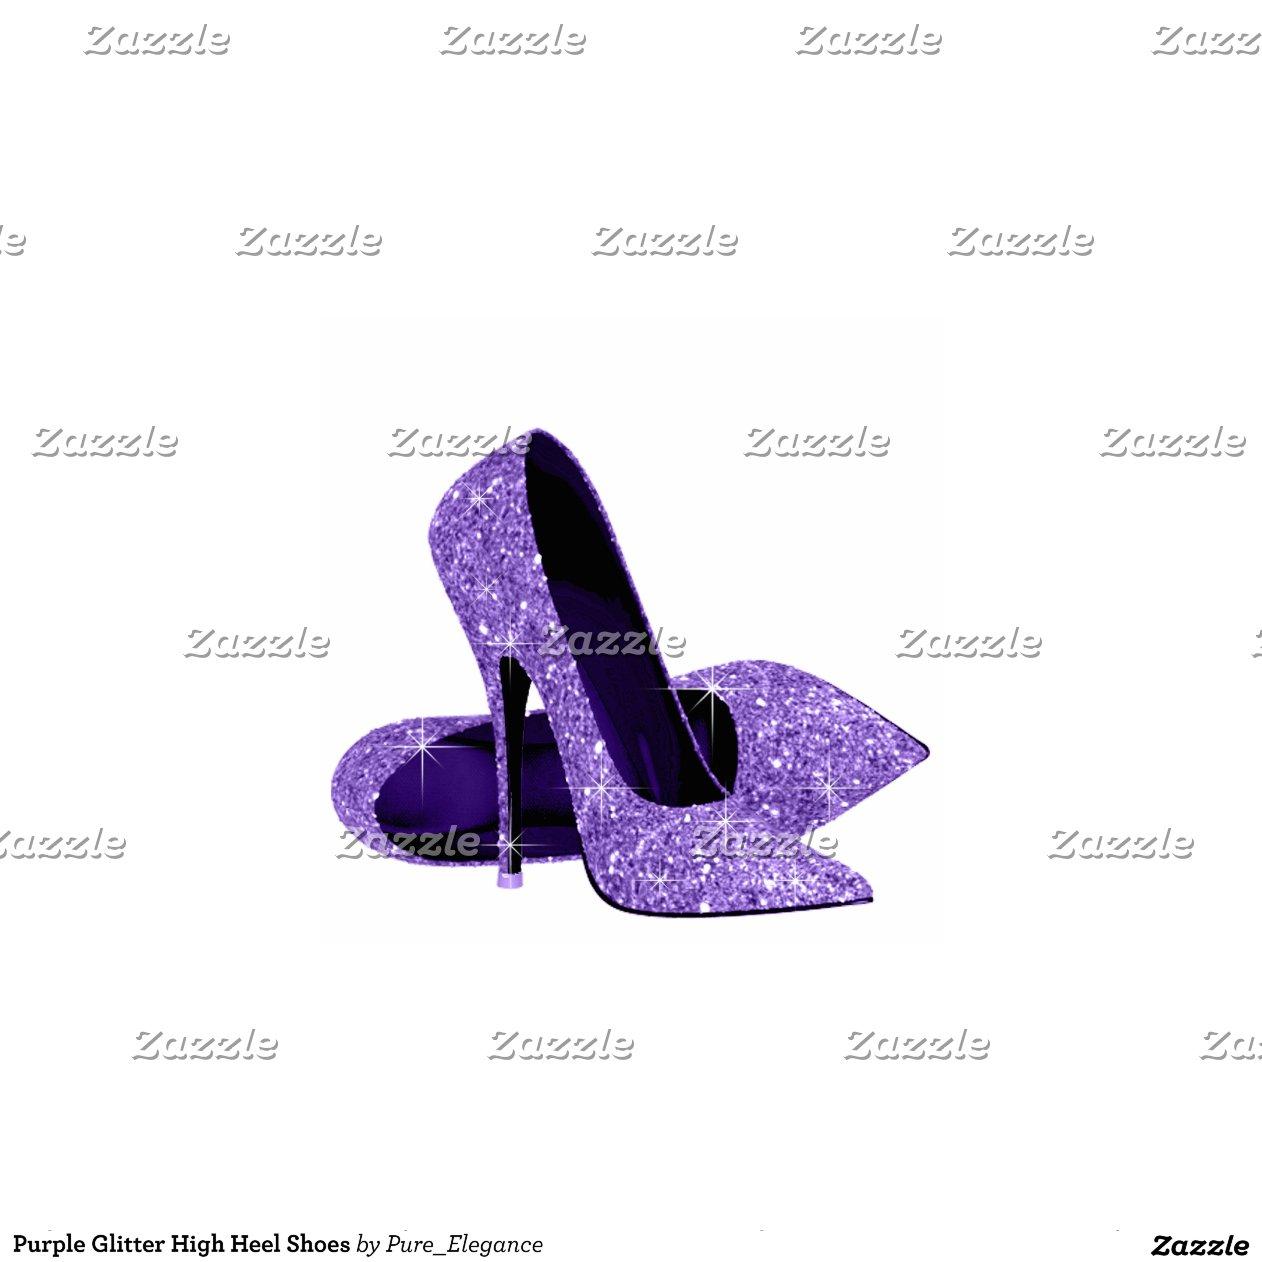 Purple Glitter High Heel Shoes Zazzle